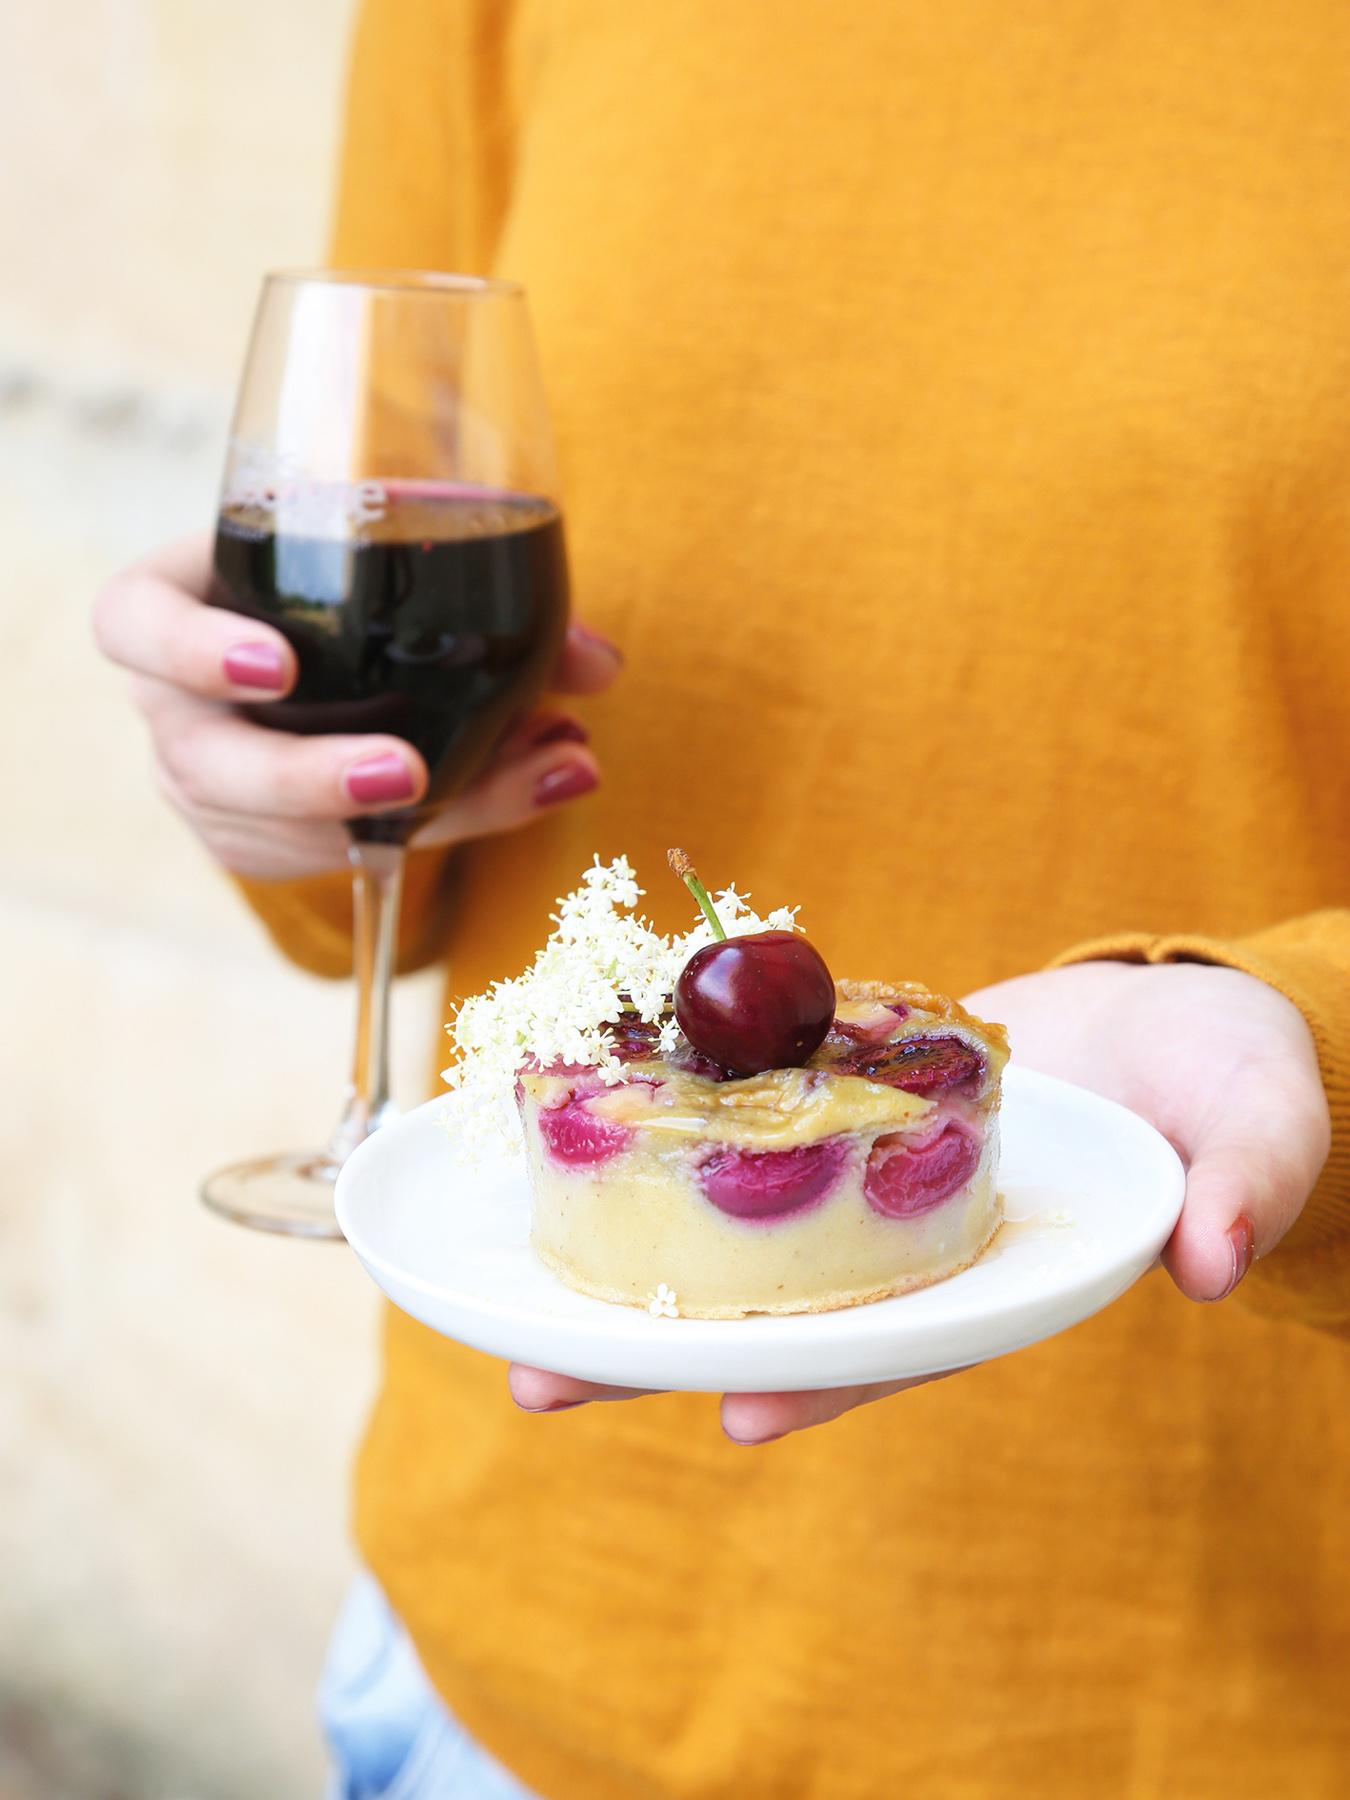 Leaf - Recette de clafoutis aux cerises sans lactose et sans gluten. Accord mets et vins côte de Gascogne. Avec @Petitsbeguins et @LaWINEista